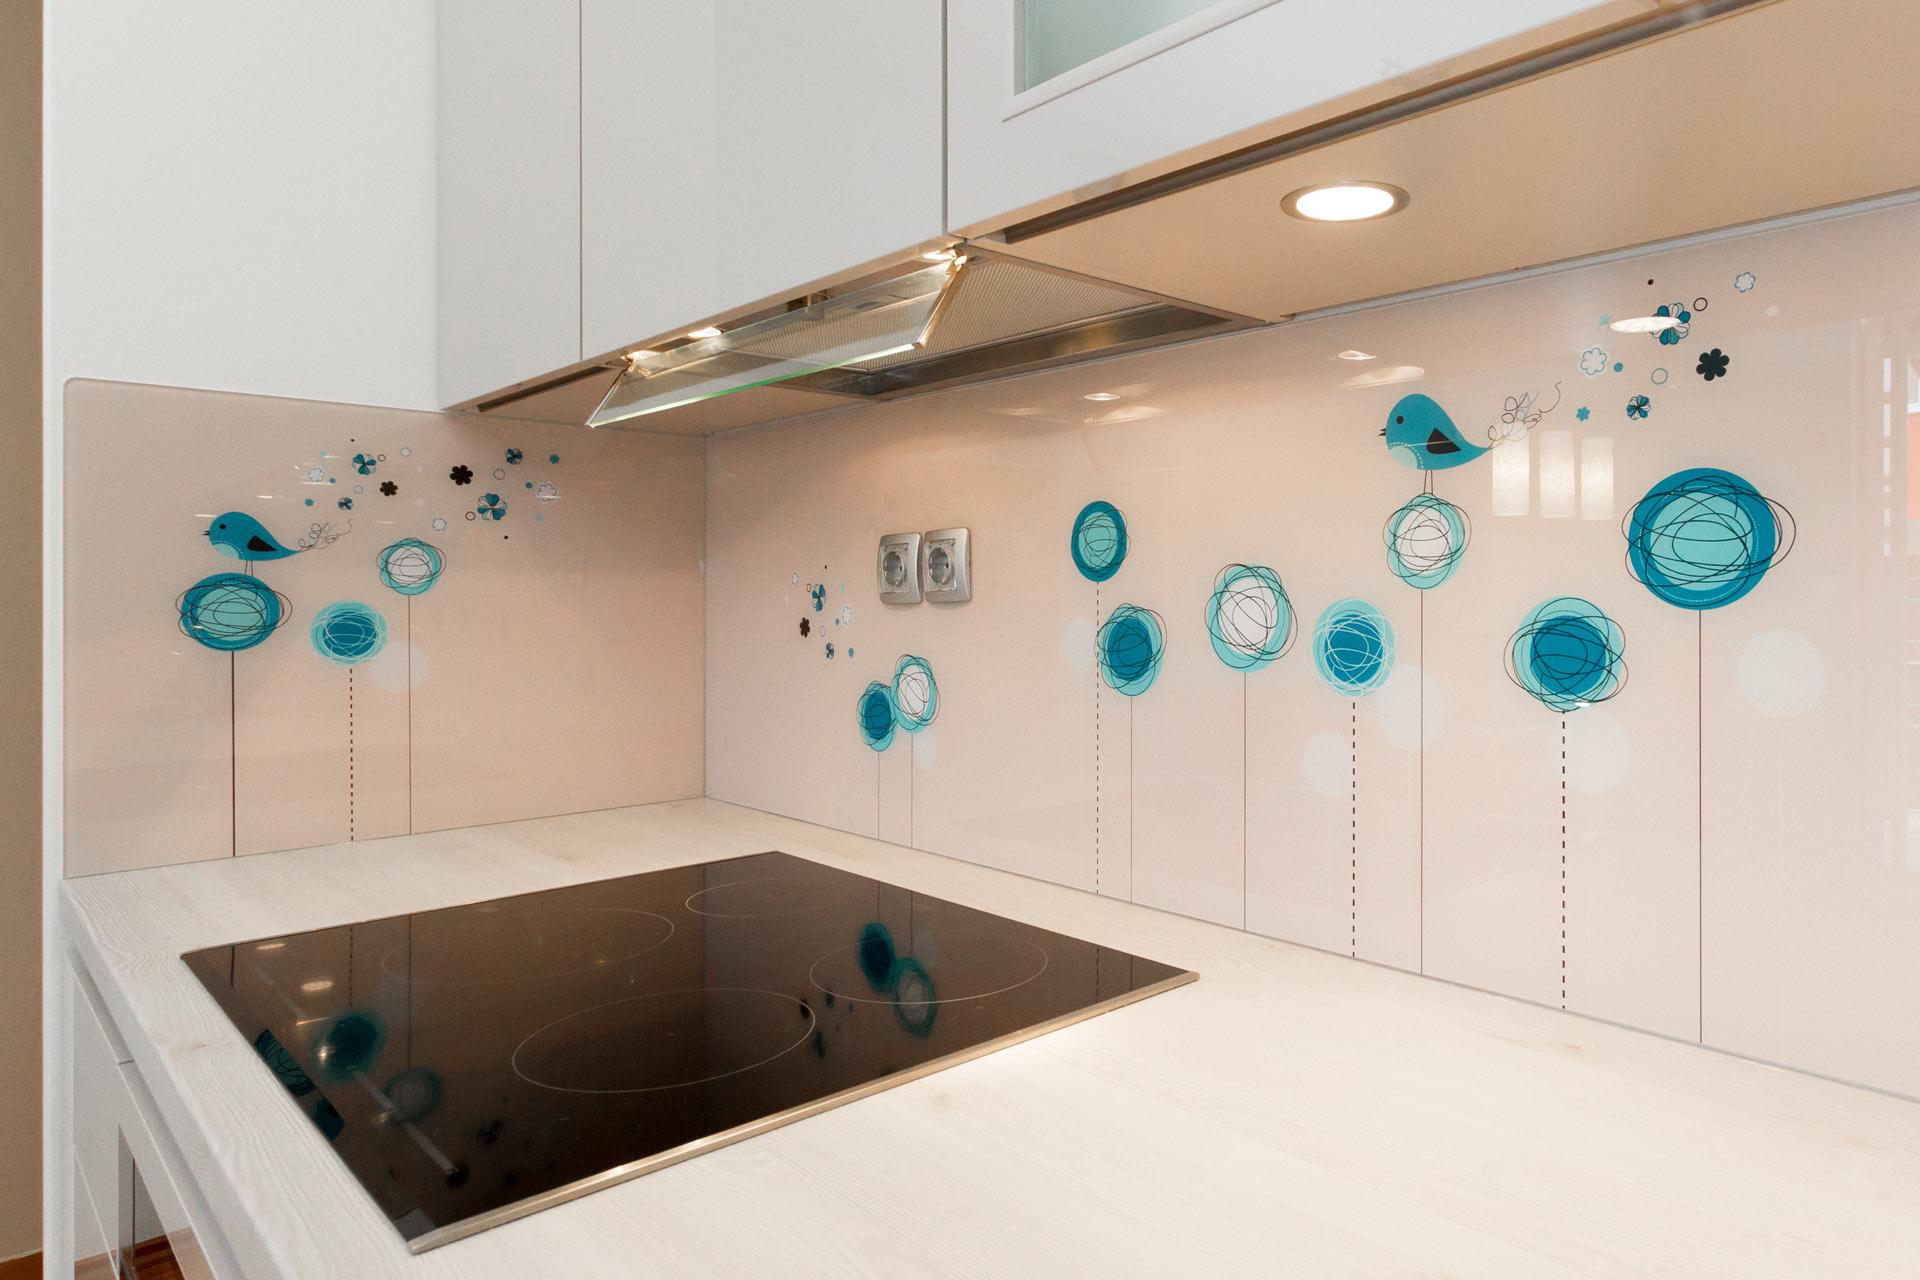 081-steklene-kuhinjske-obloge-plausteiner-hq-b